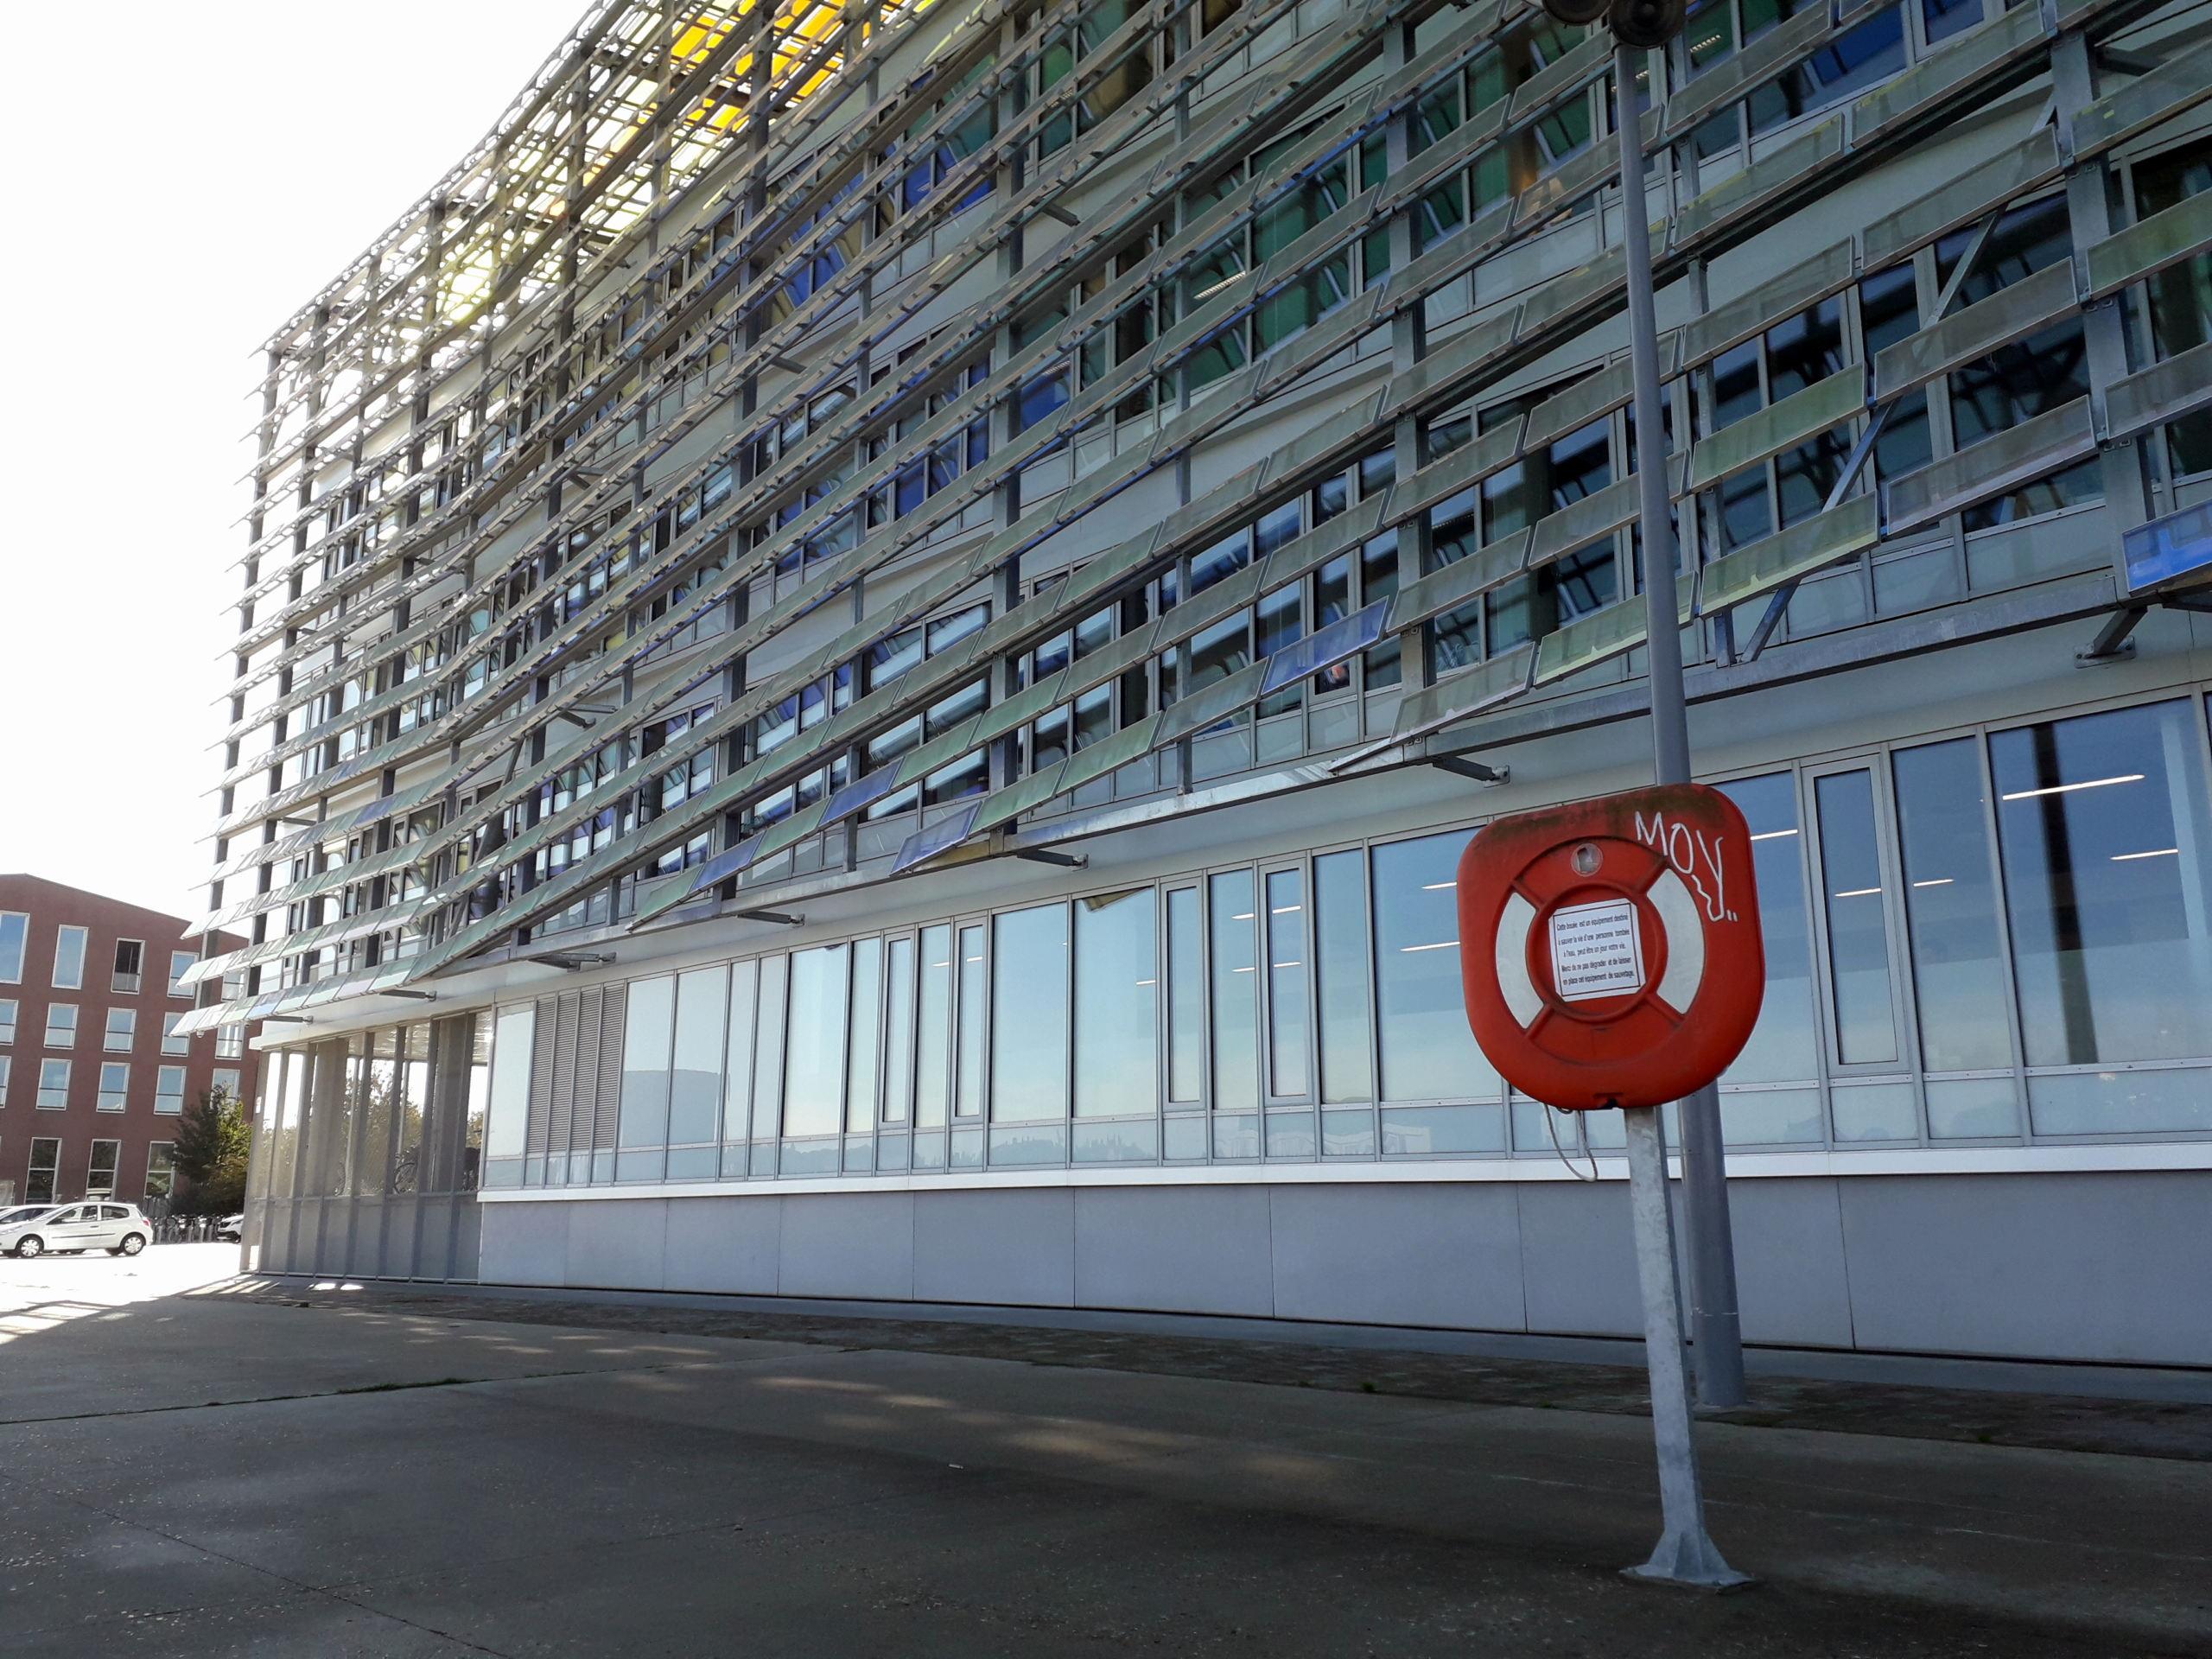 [Bientôt visible sur Google Earth] L'immeuble Metropole Rouen-Normandie - Rouen - Seine Maritime - France 20181010